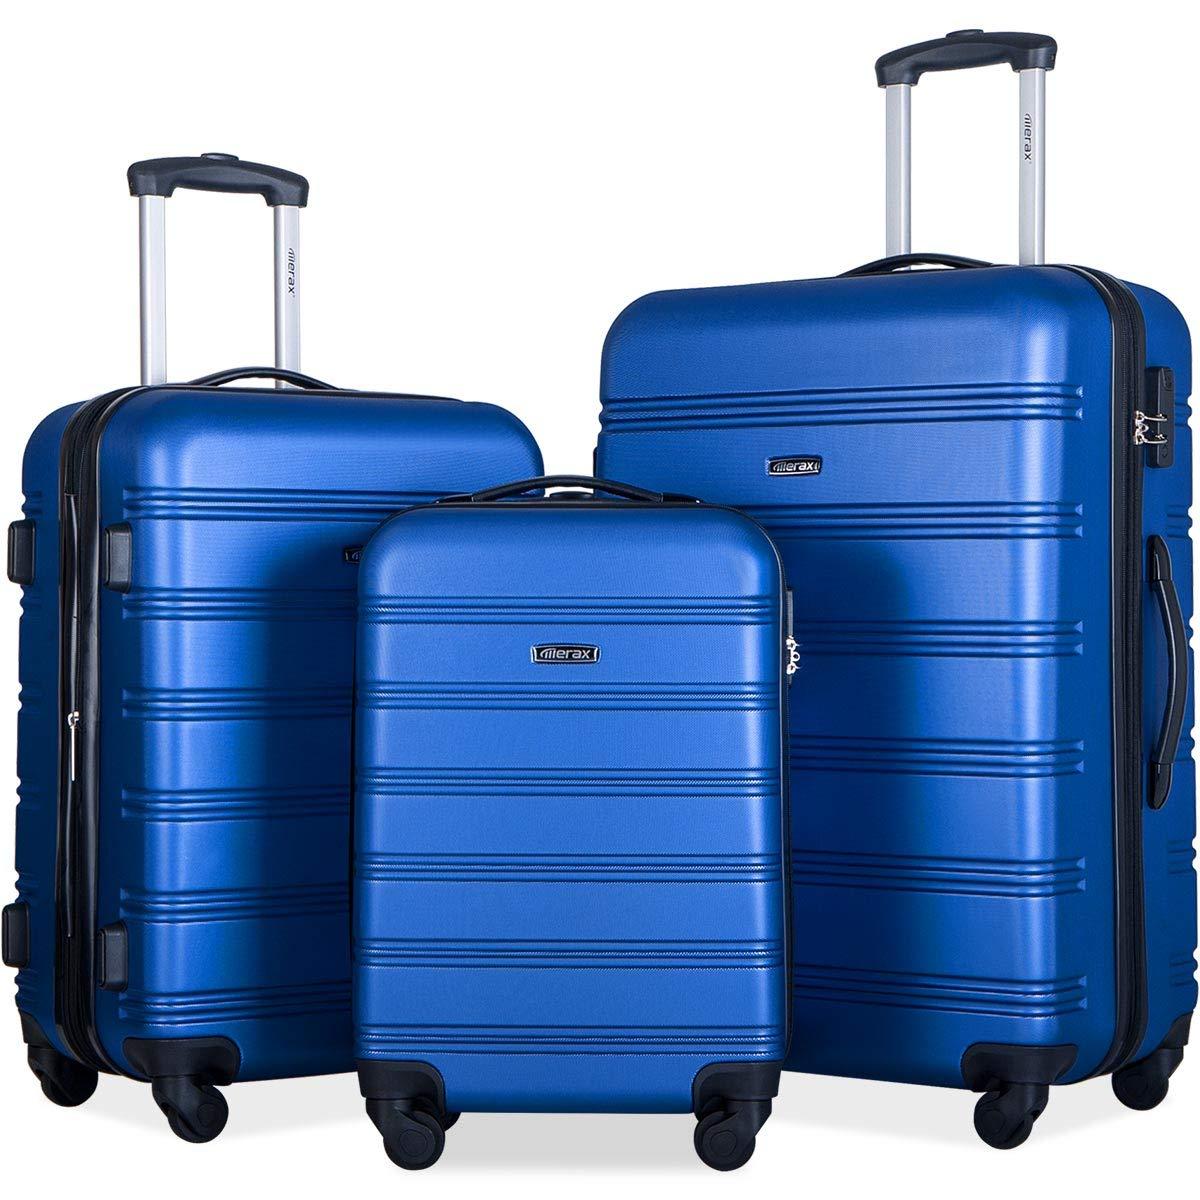 Merax 3 Pcs Luggage Set Expandable Hardside Lightweight Spinner Suitcase (Royal Blue)